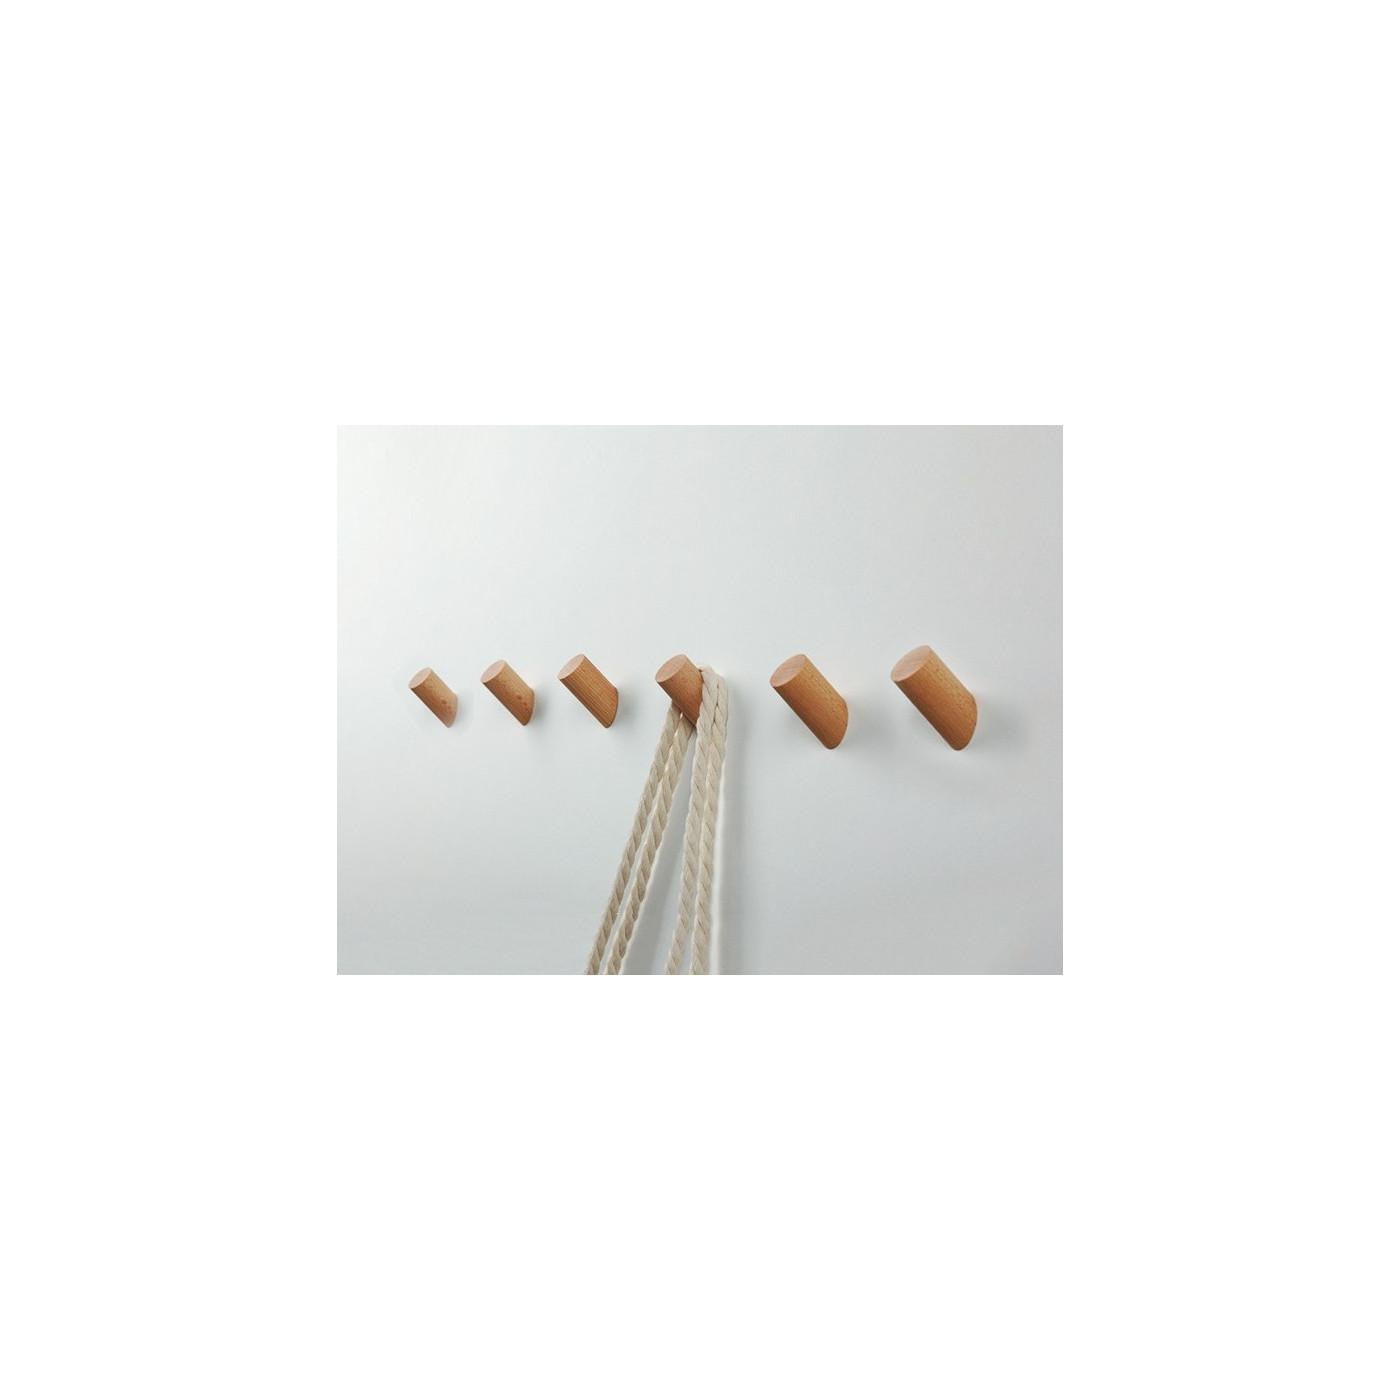 Set of 6 wooden clothes hooks, beech